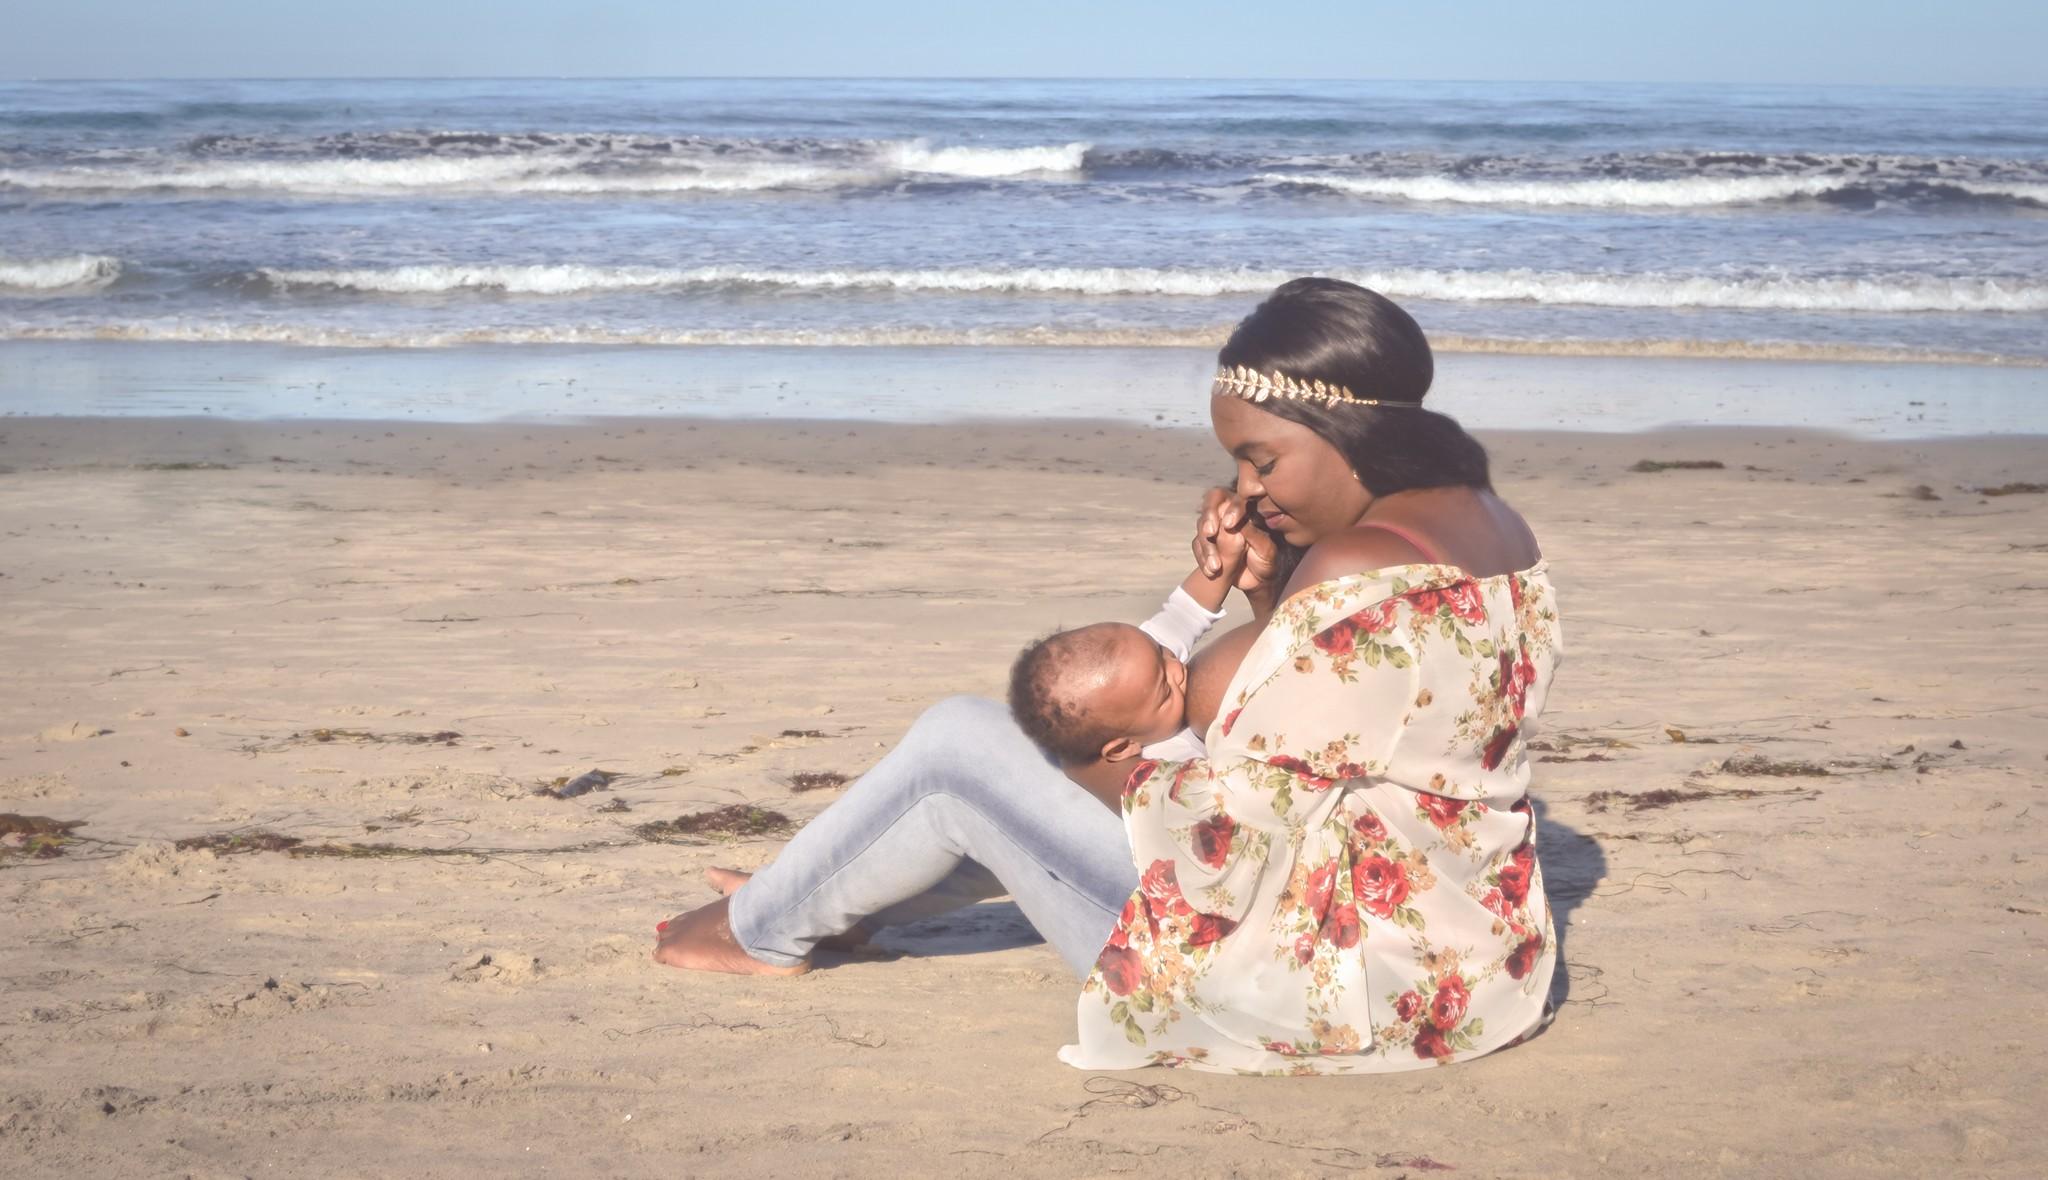 breastfeeding-information